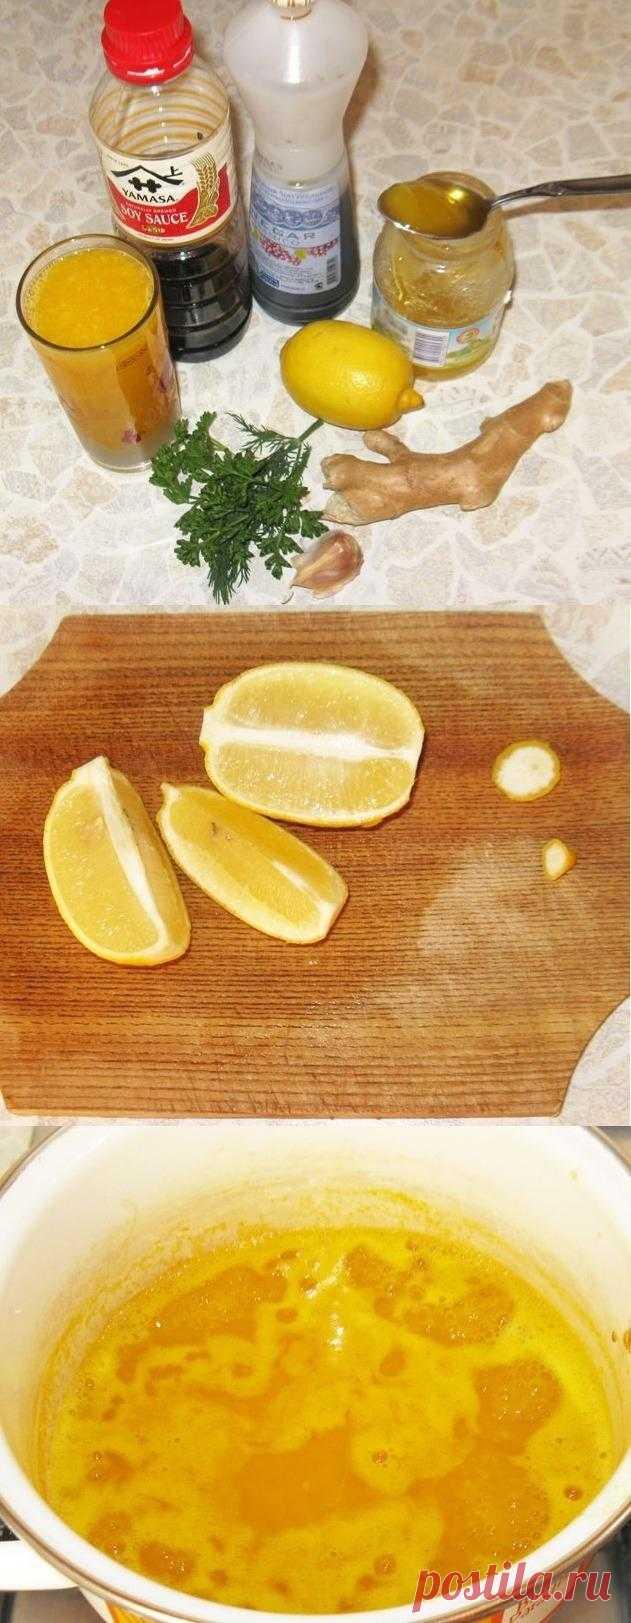 Интересный соус к рыбе – апельсиновая сальса